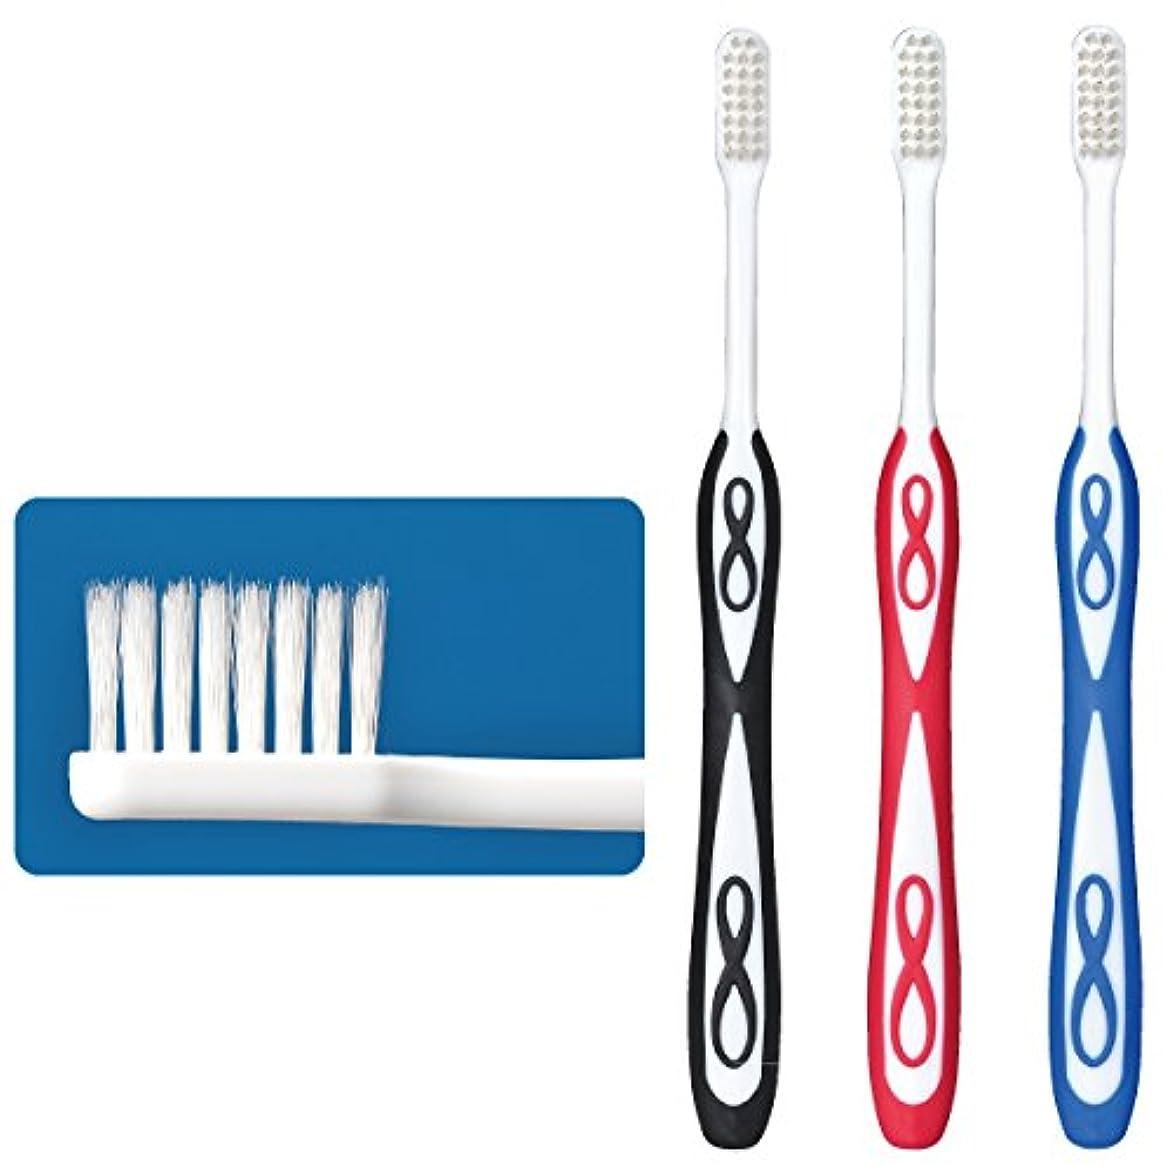 会話型提案プラットフォームLover8(ラバーエイト)歯ブラシ レギュラータイプ オールテーパー毛 Mふつう 30本入